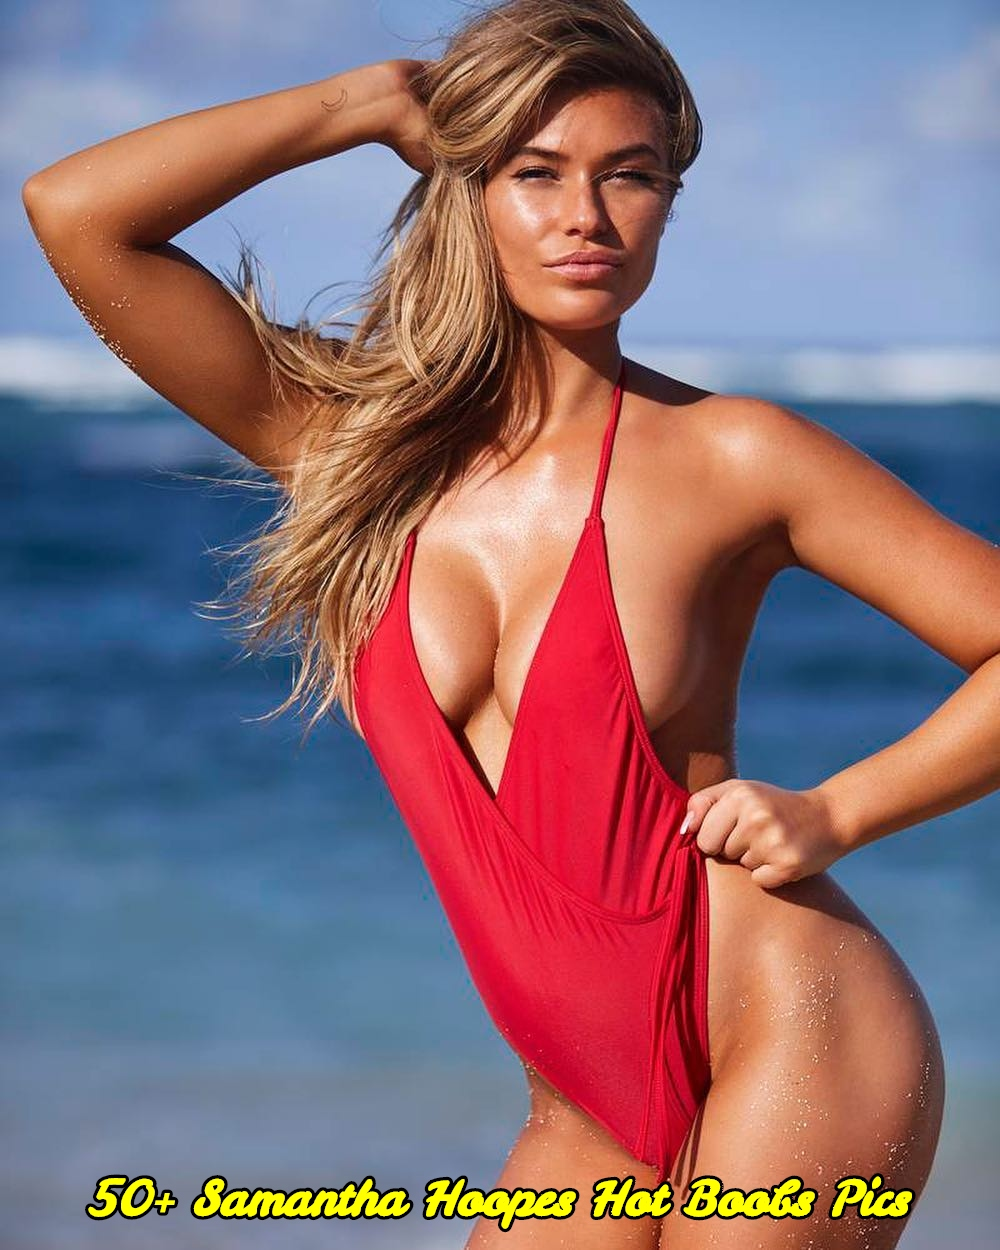 Samantha Hoopes hot boobs pics